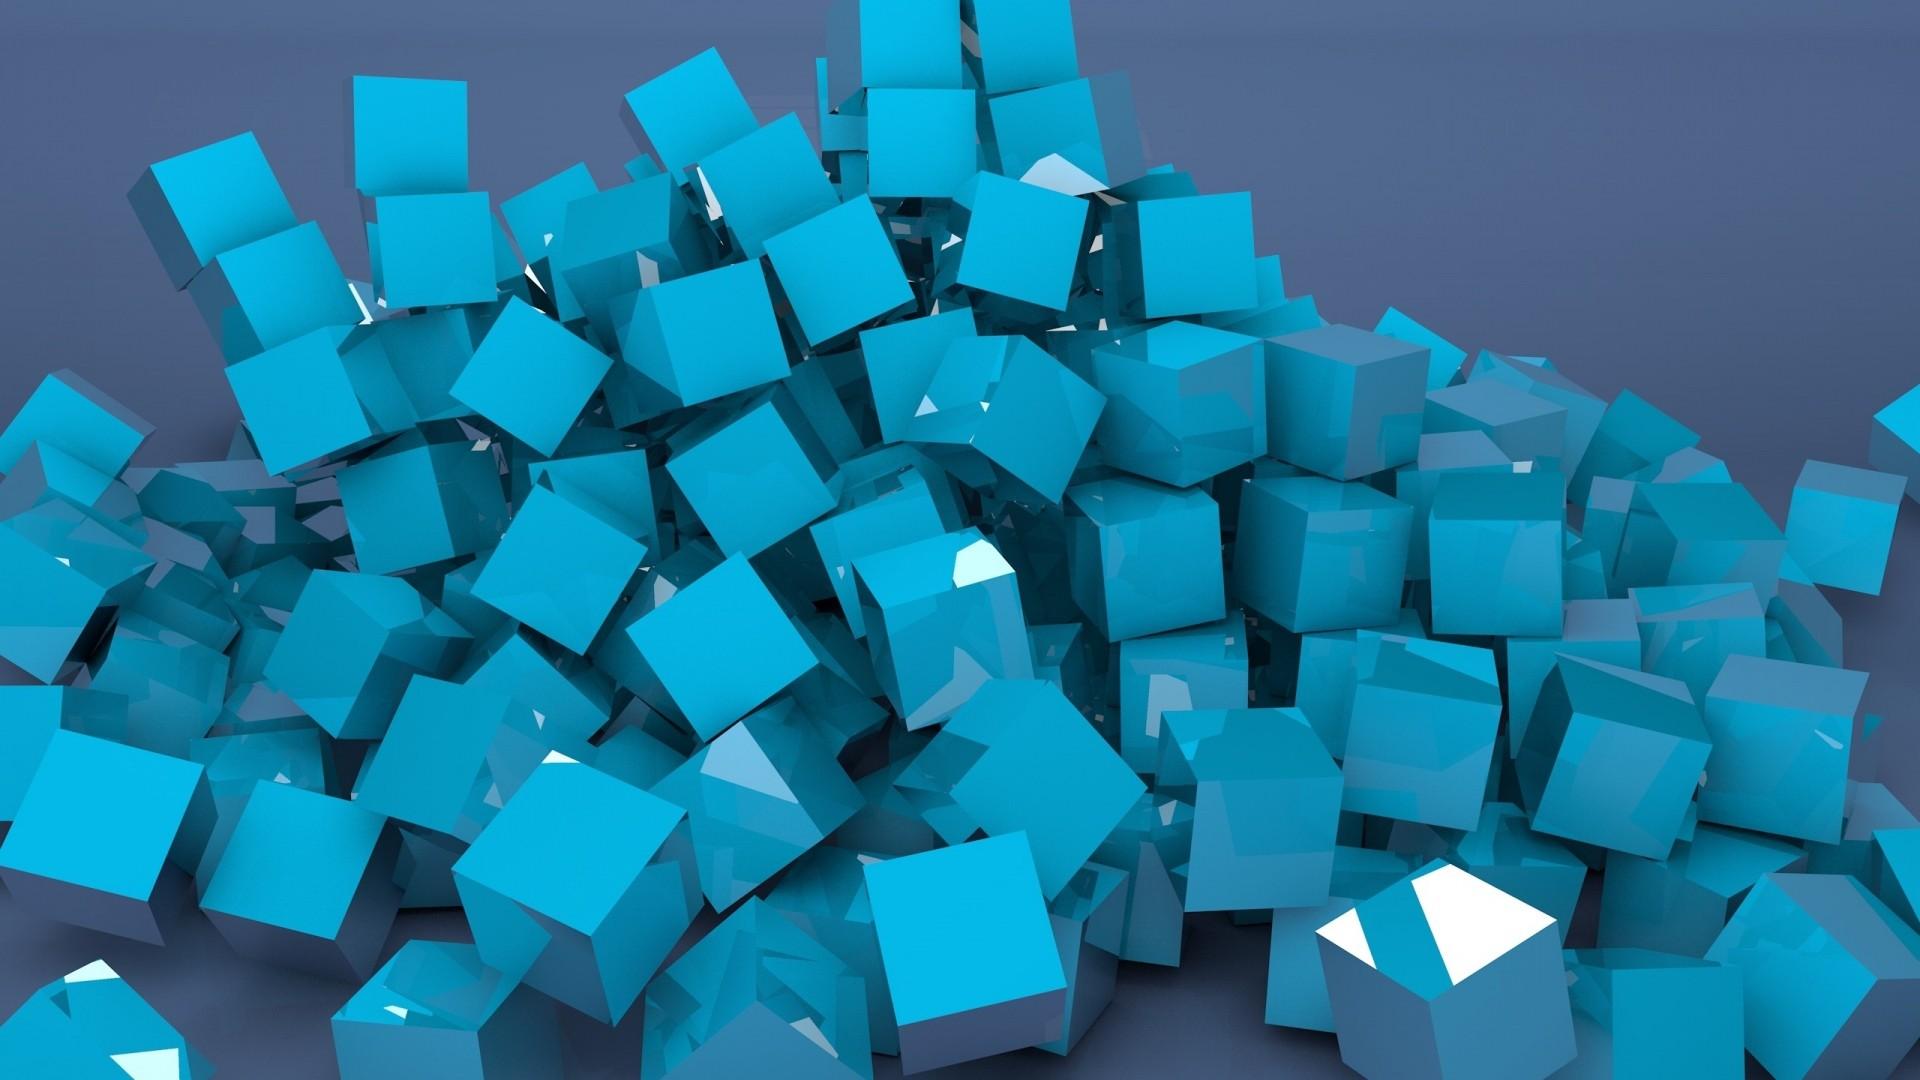 Wallpaper blocks, lots, color, metallic blue